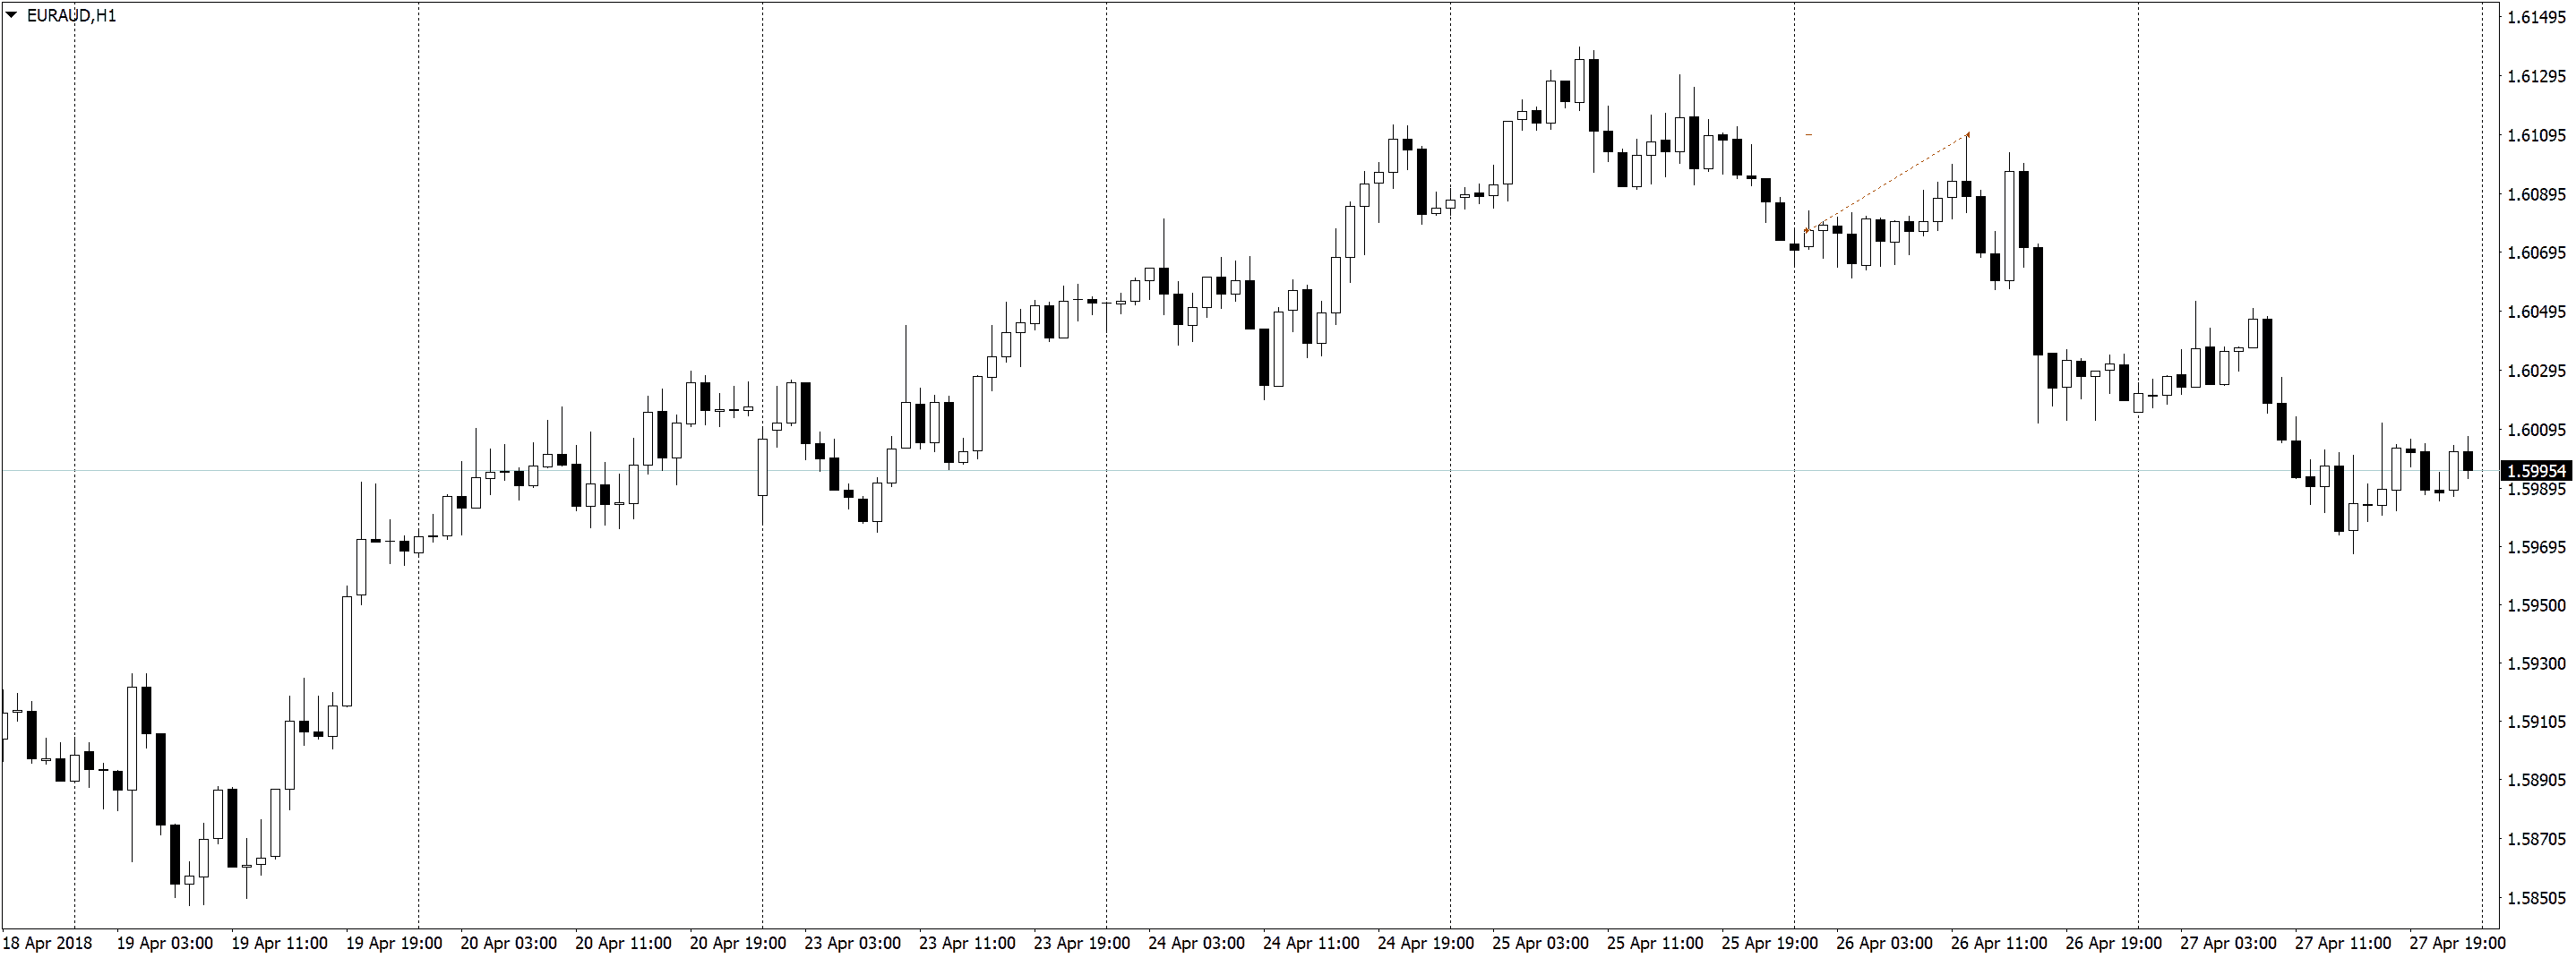 EURAUDH1 Трейдинг по часовым графикам, немного сделок, спокойная торговля